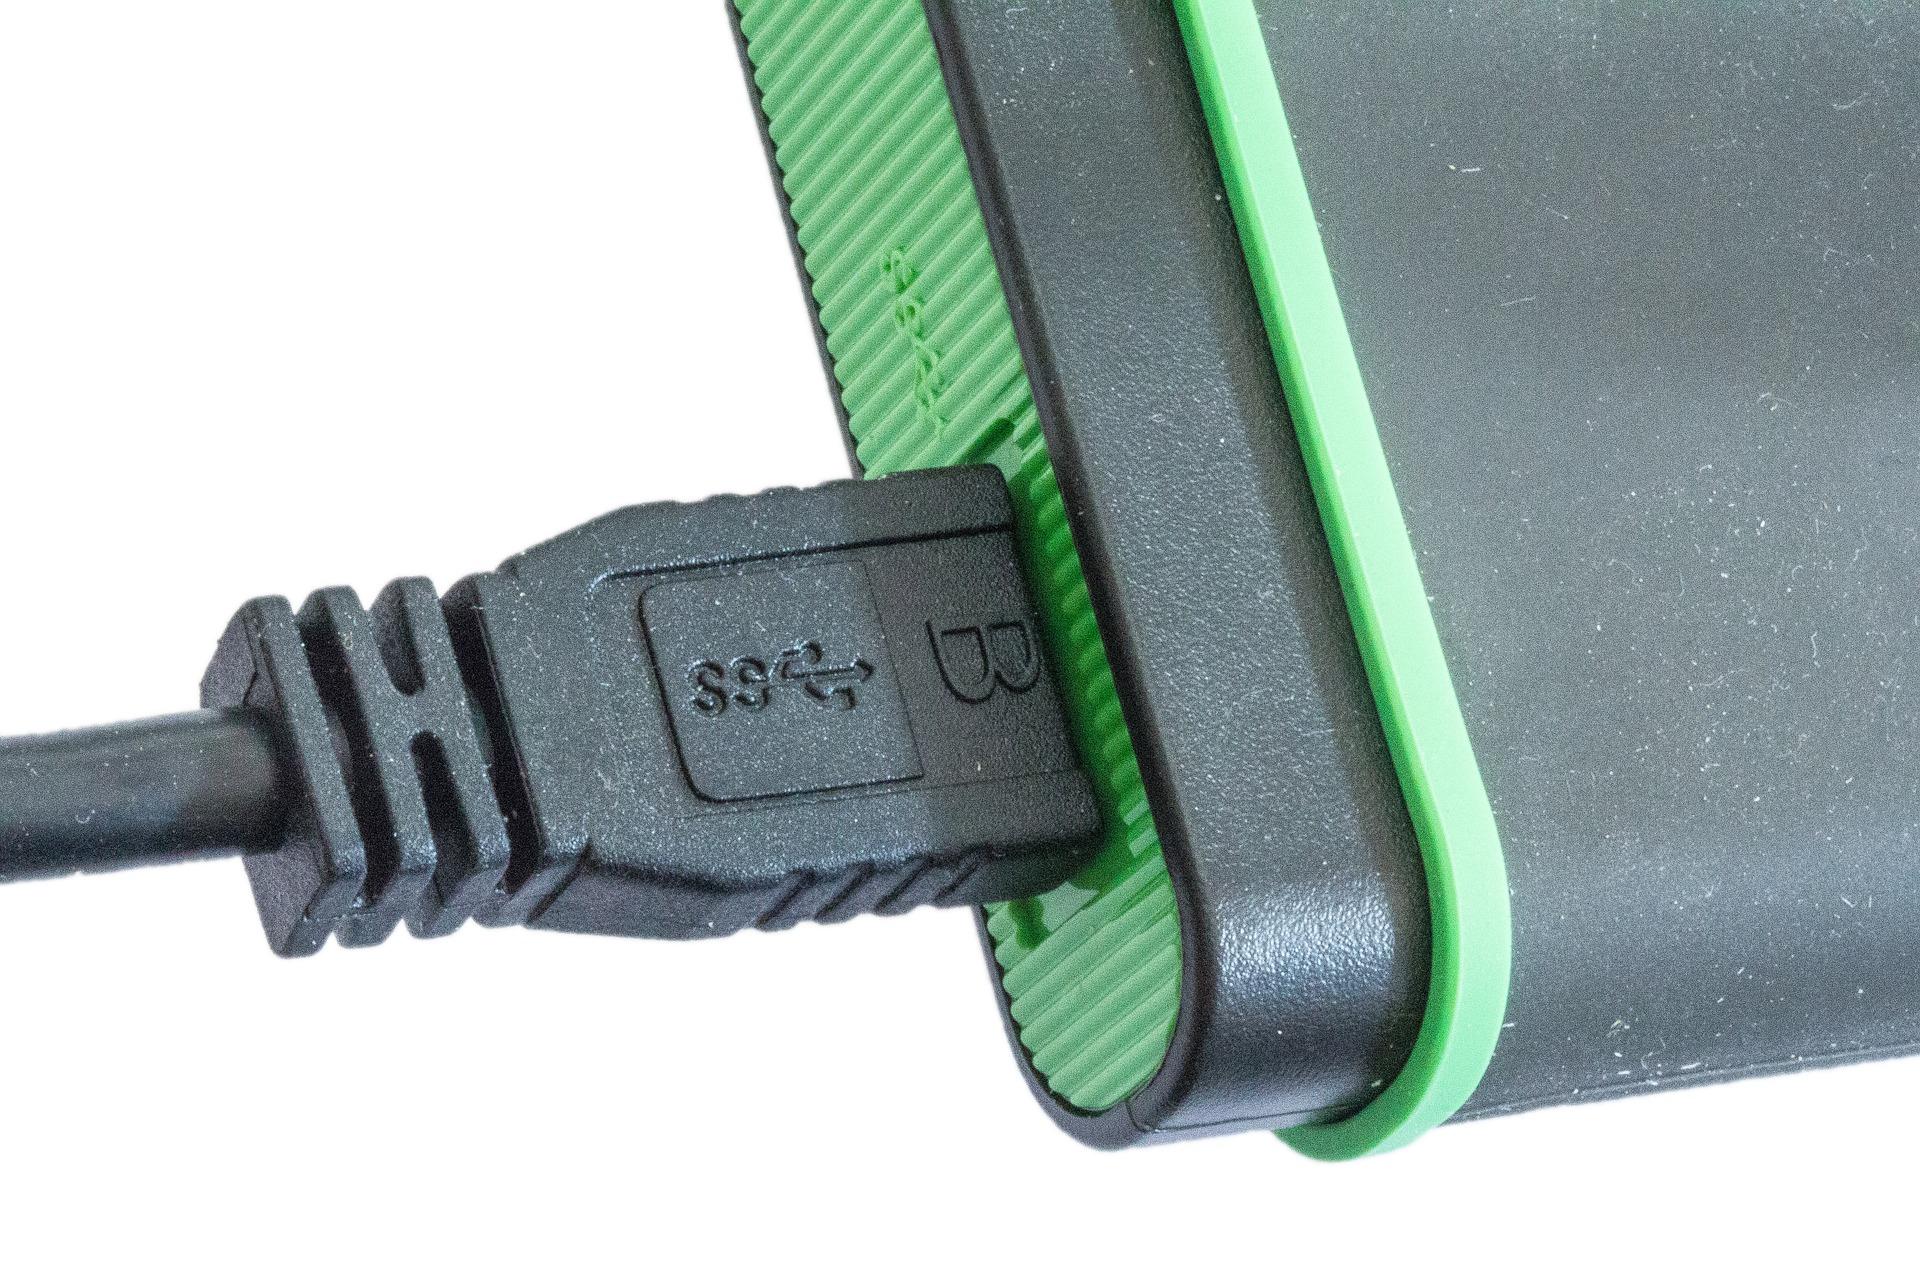 Obrázek: USB 3.2 je nablízku, přinese vyšší rychlost a zmatečné názvosloví